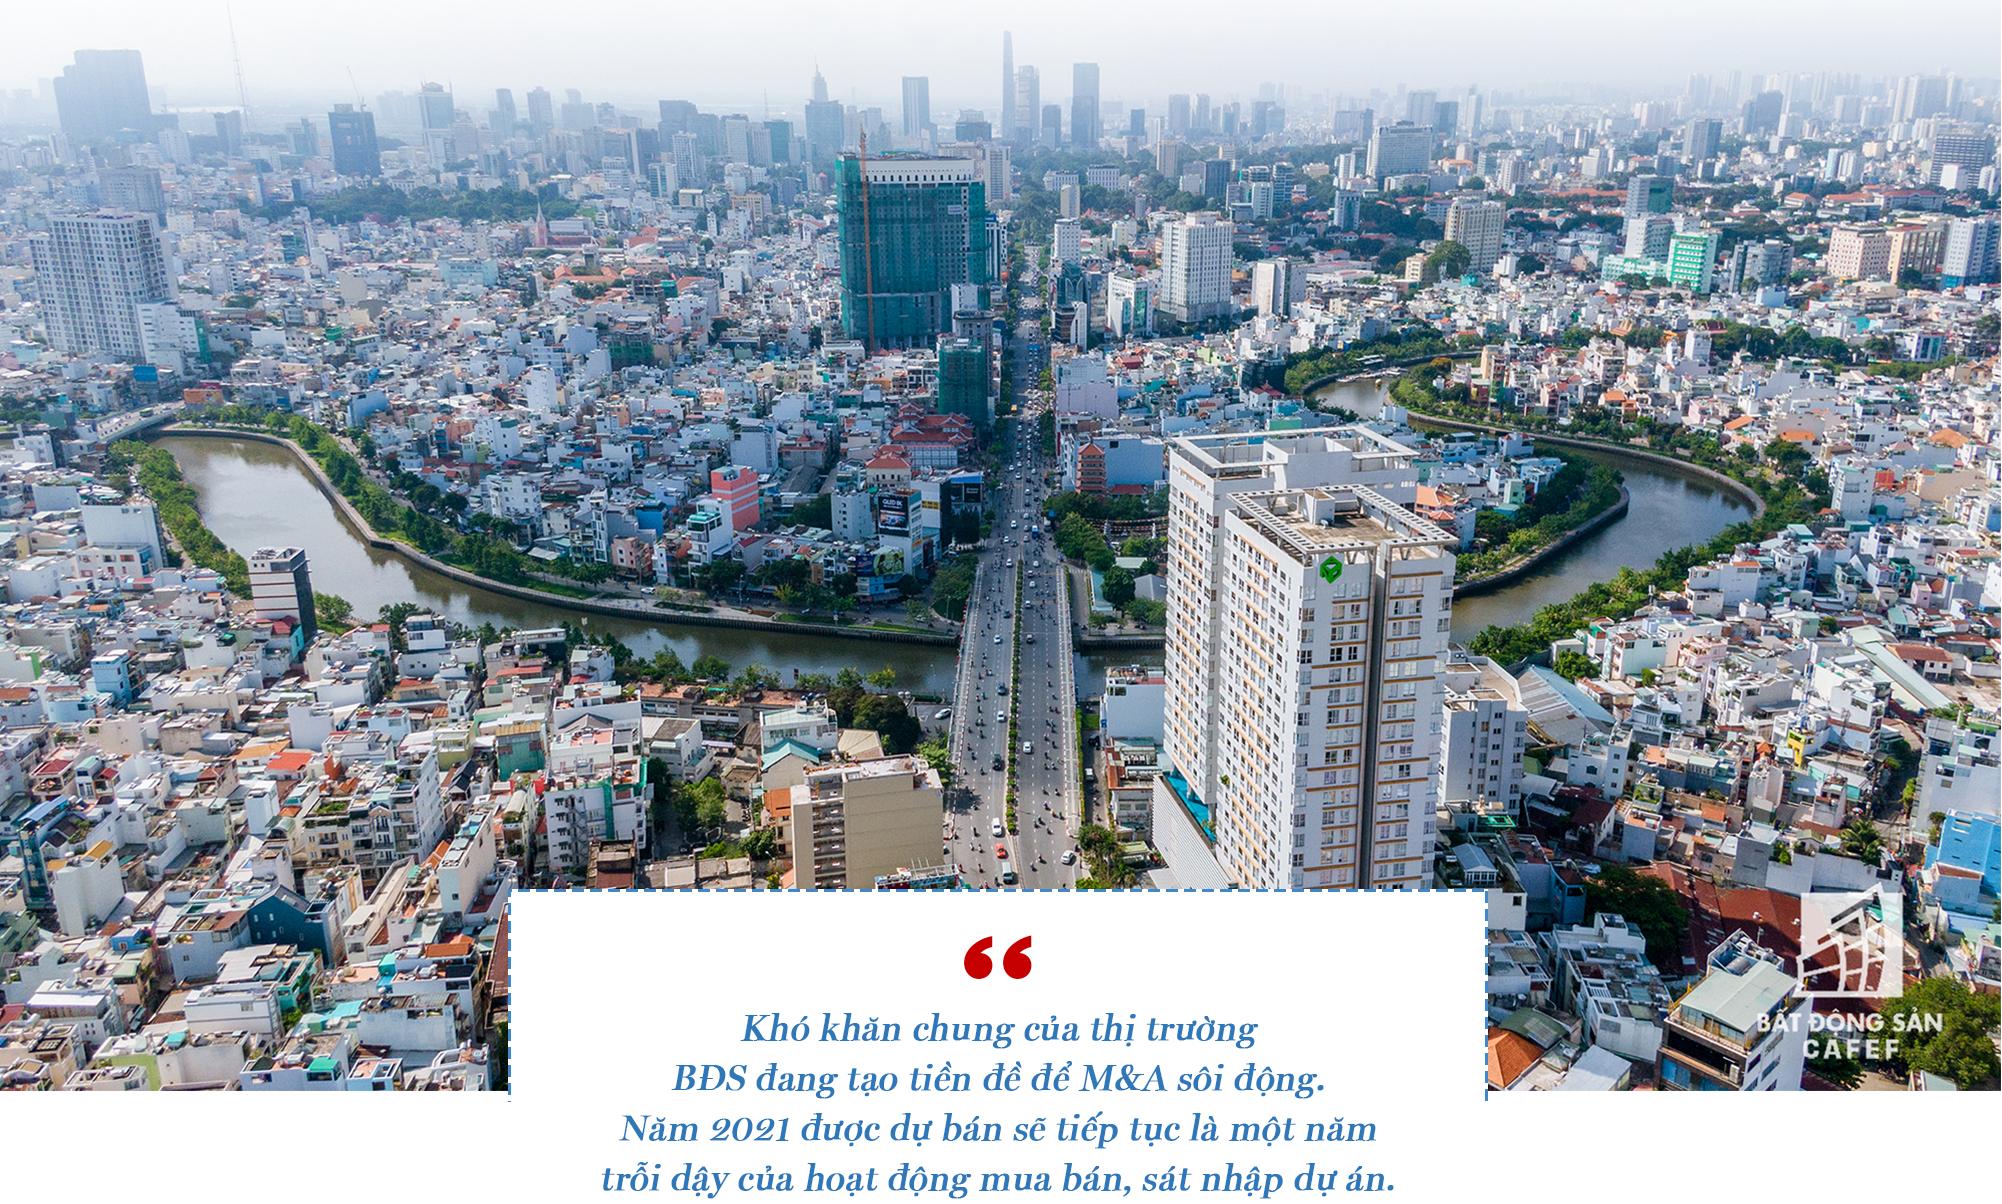 10 dấu ấn bất động sản 2020: Một năm biến động dữ dội, giá nhà đất tăng mạnh giữa tâm dịch Covid-19 - Ảnh 13.